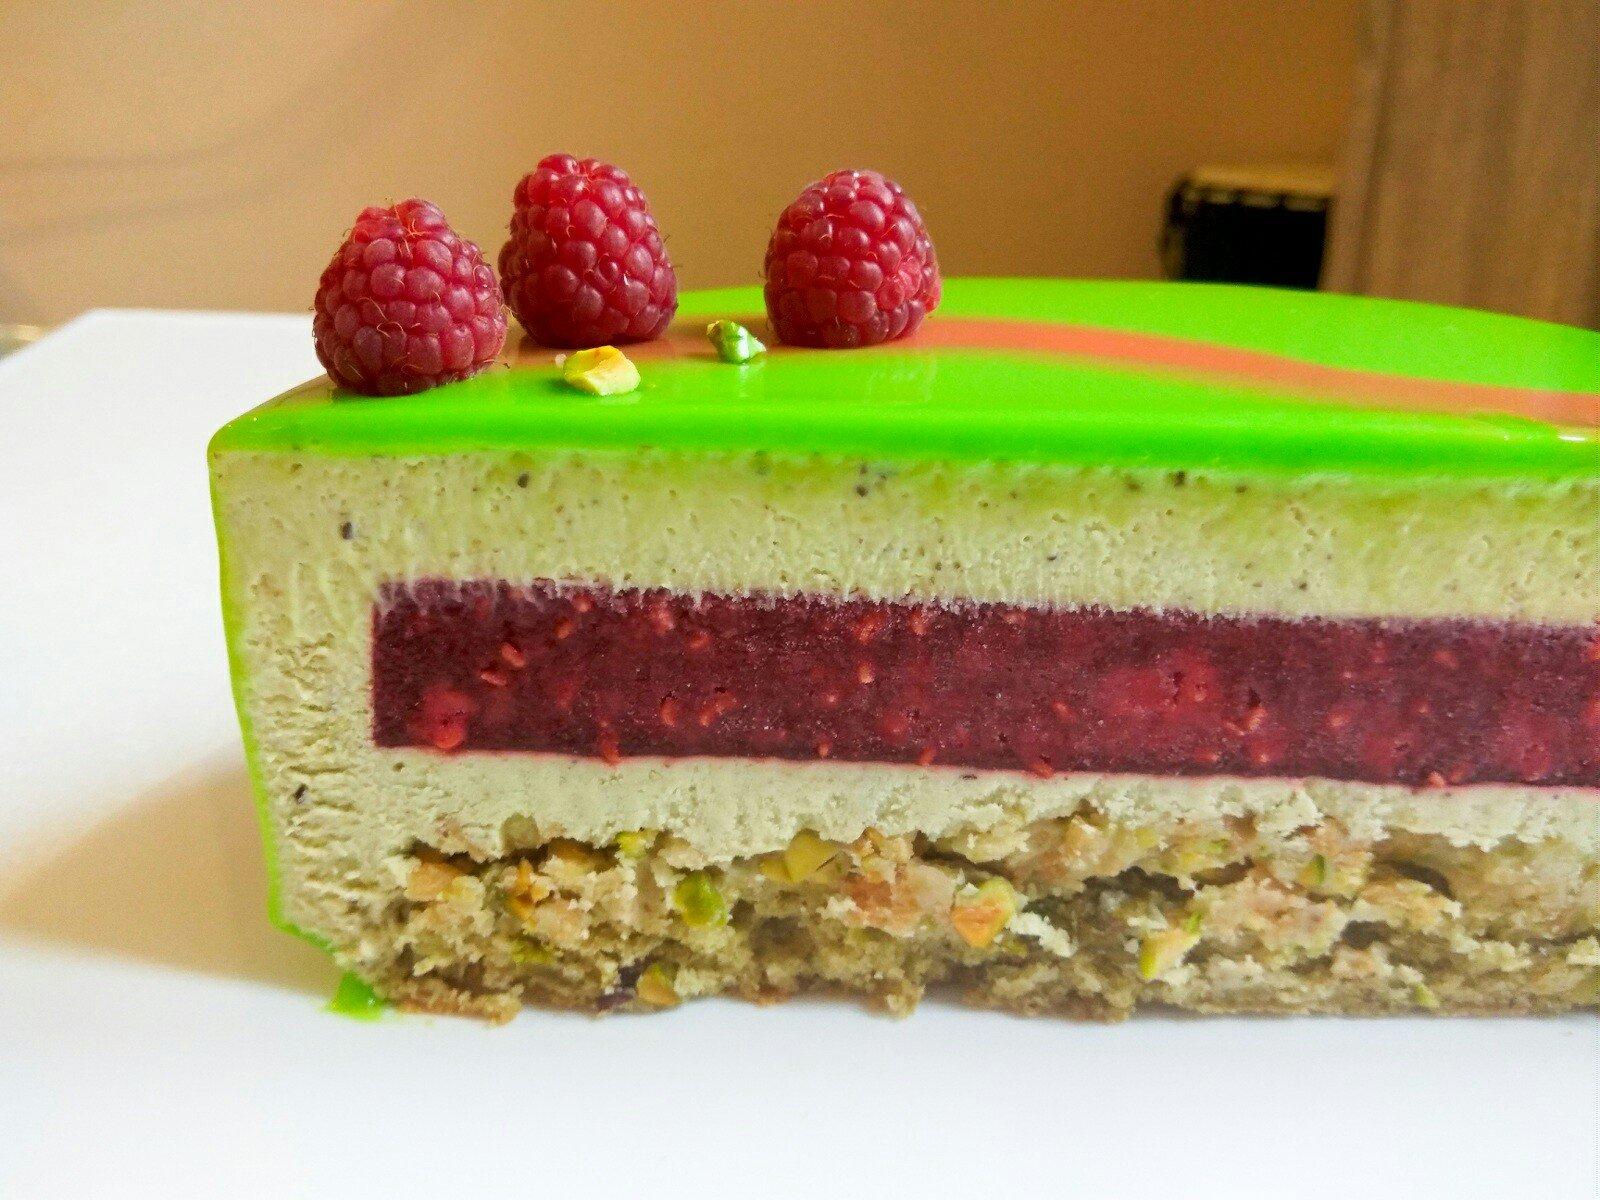 столик ресторане, торт фисташковый бисквит рецепт с фото стоит эта